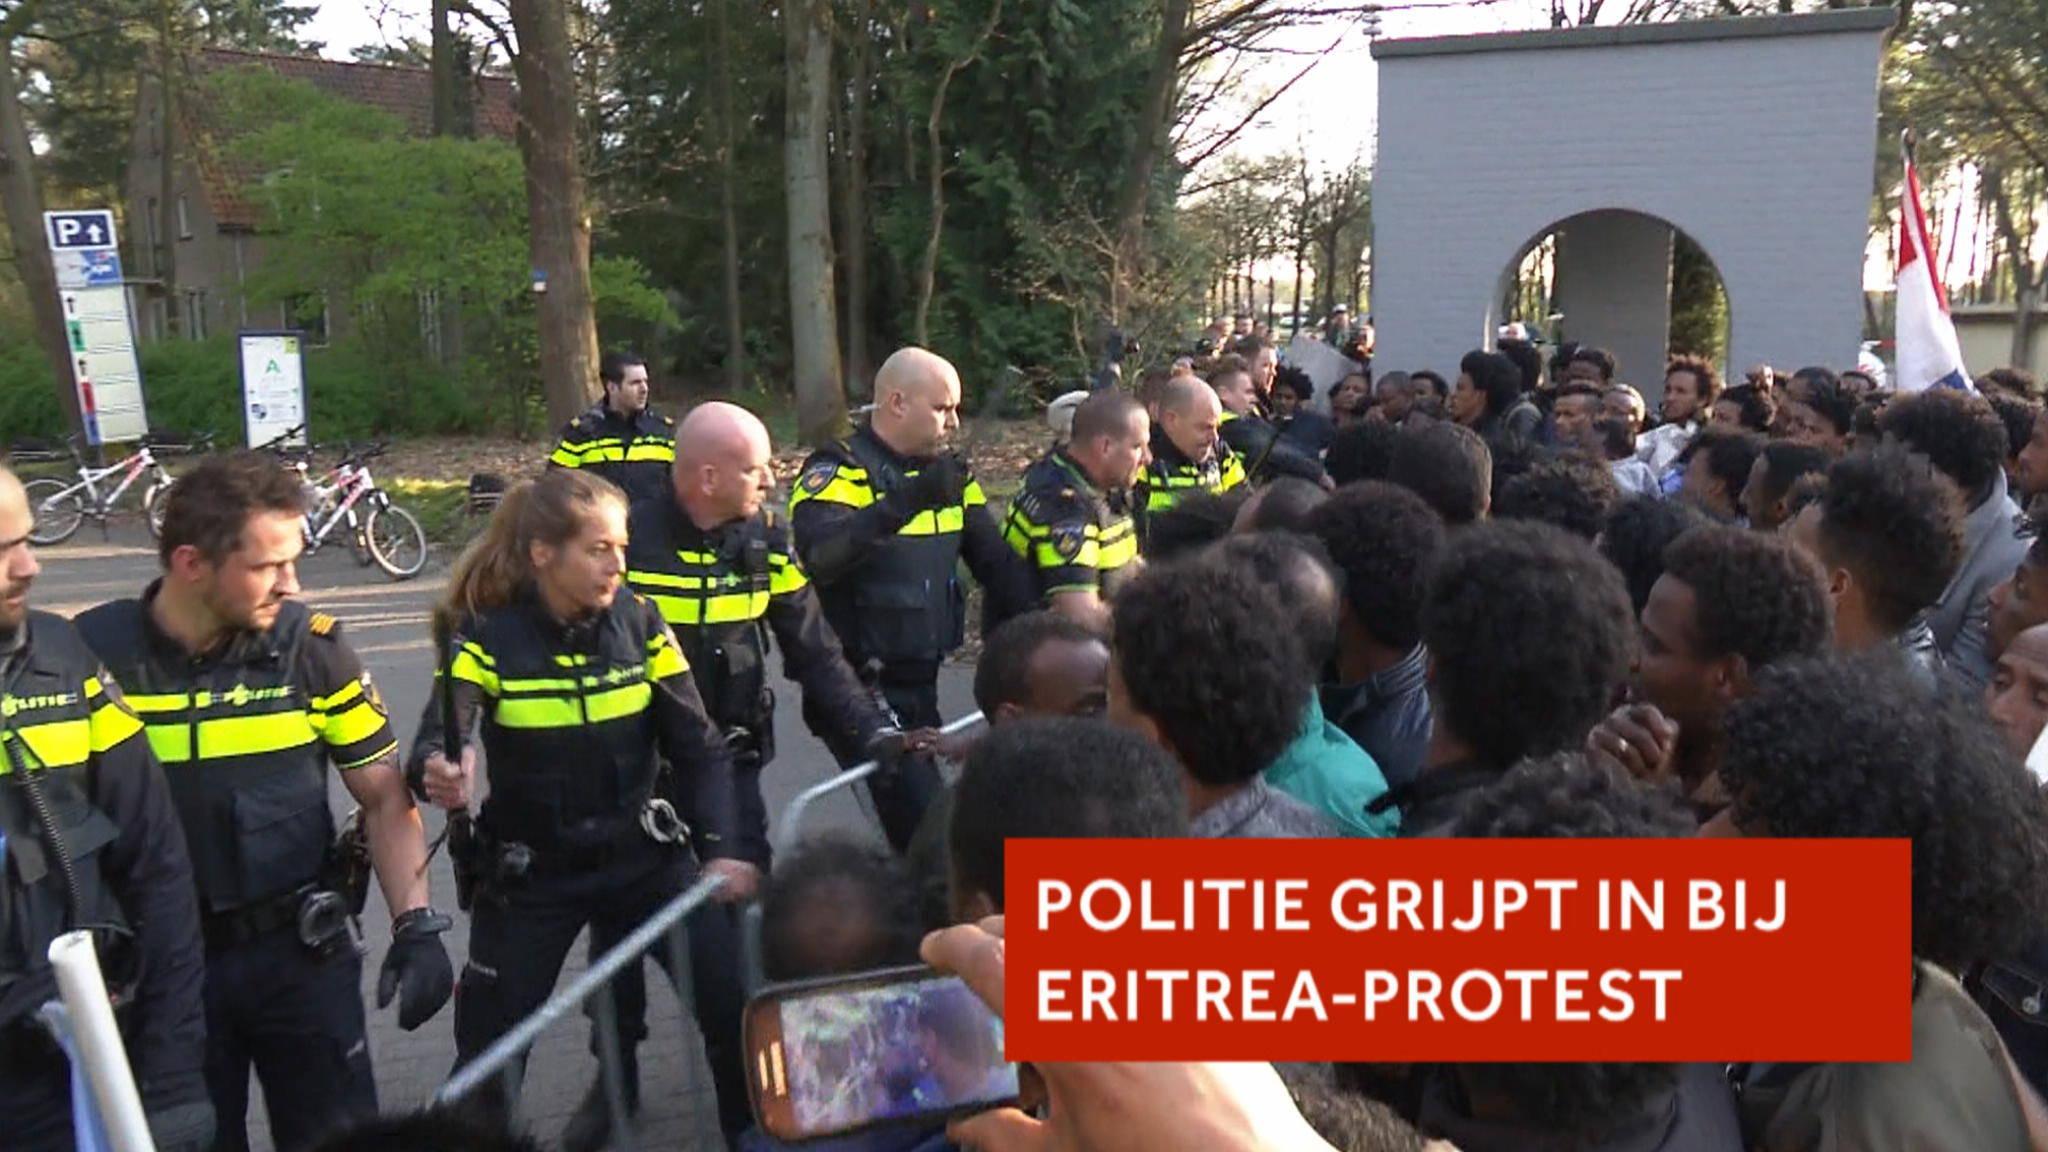 Politie grijpt in bij Eritrea-demonstratie   NOS